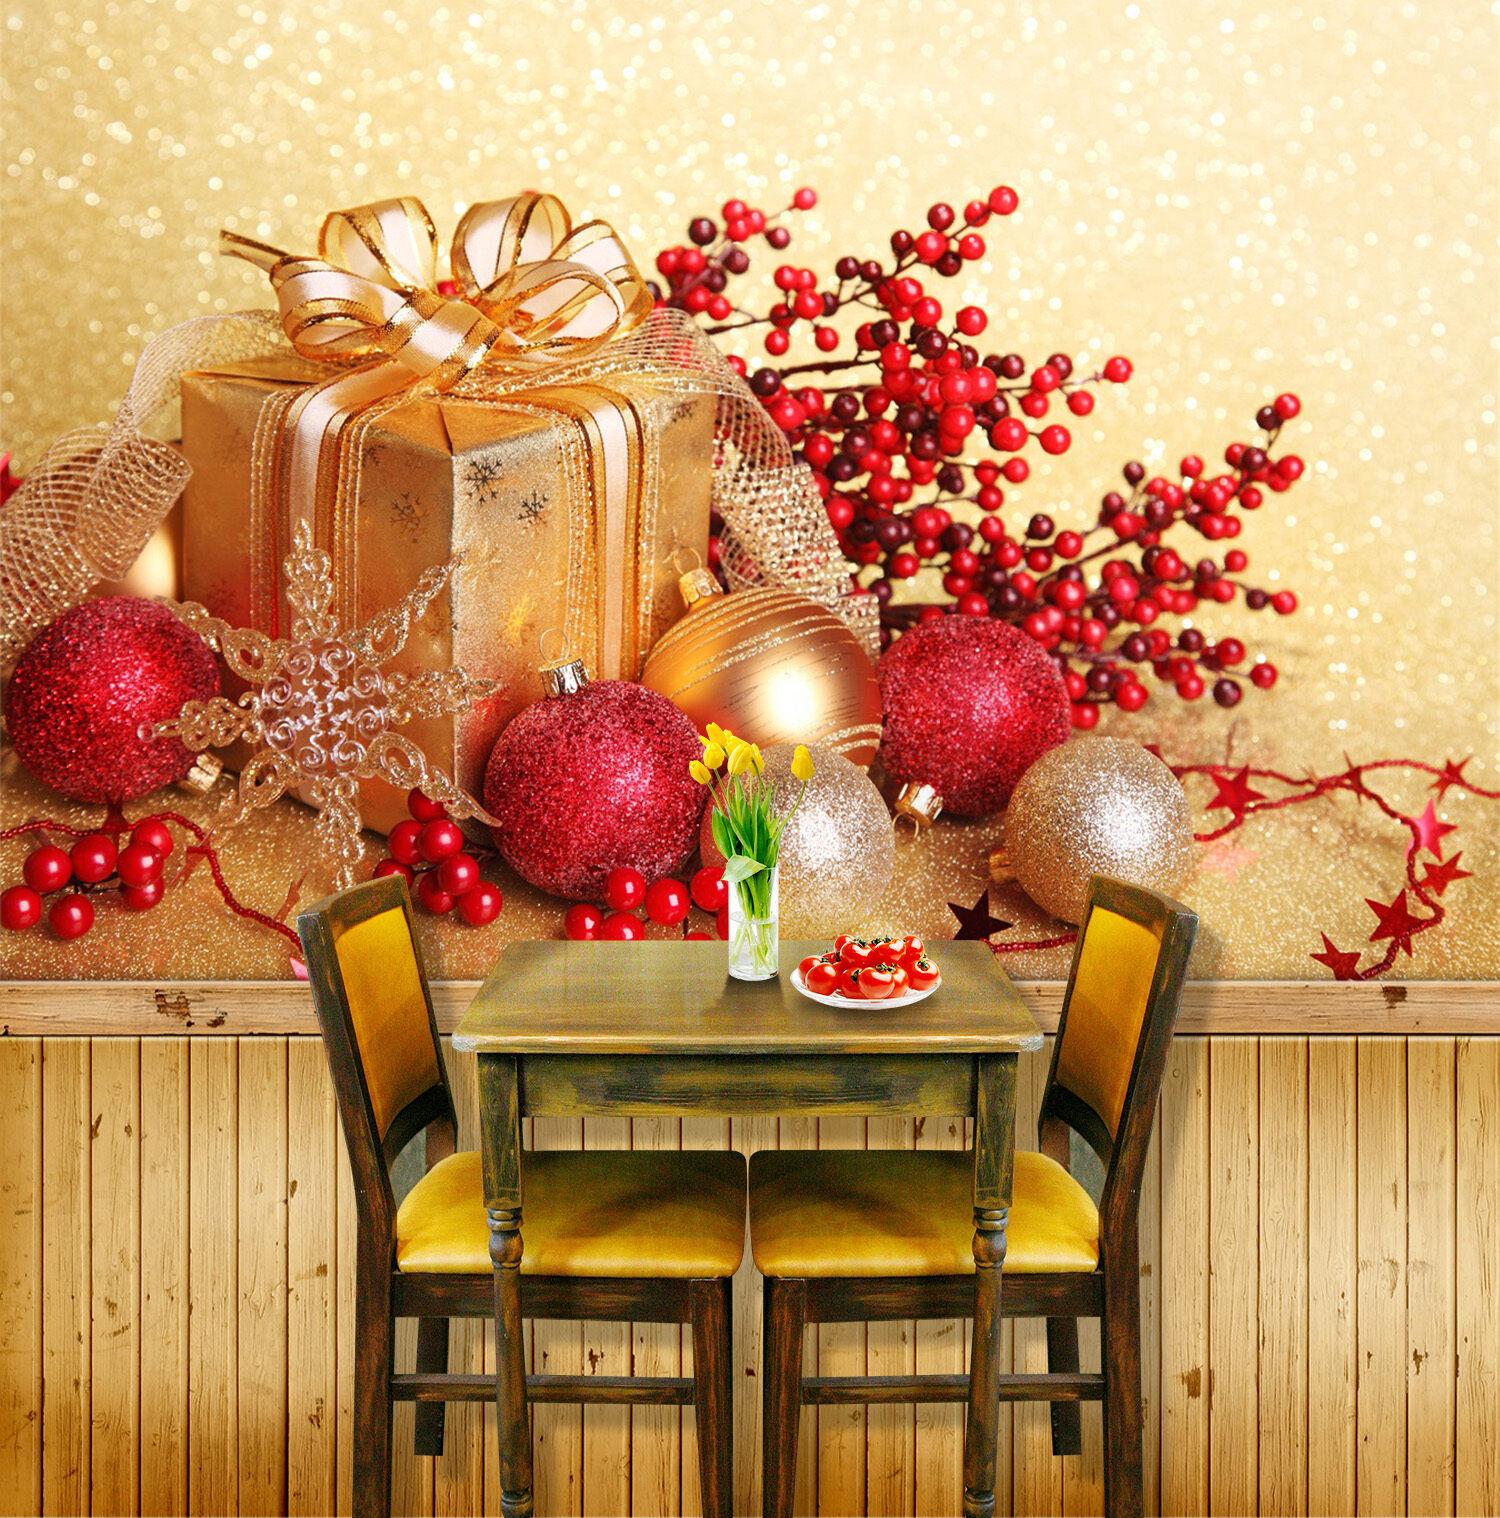 3D Weihnachten Geschenke der Kinder 8 Fototapeten Wandbild BildTapete Familie DE